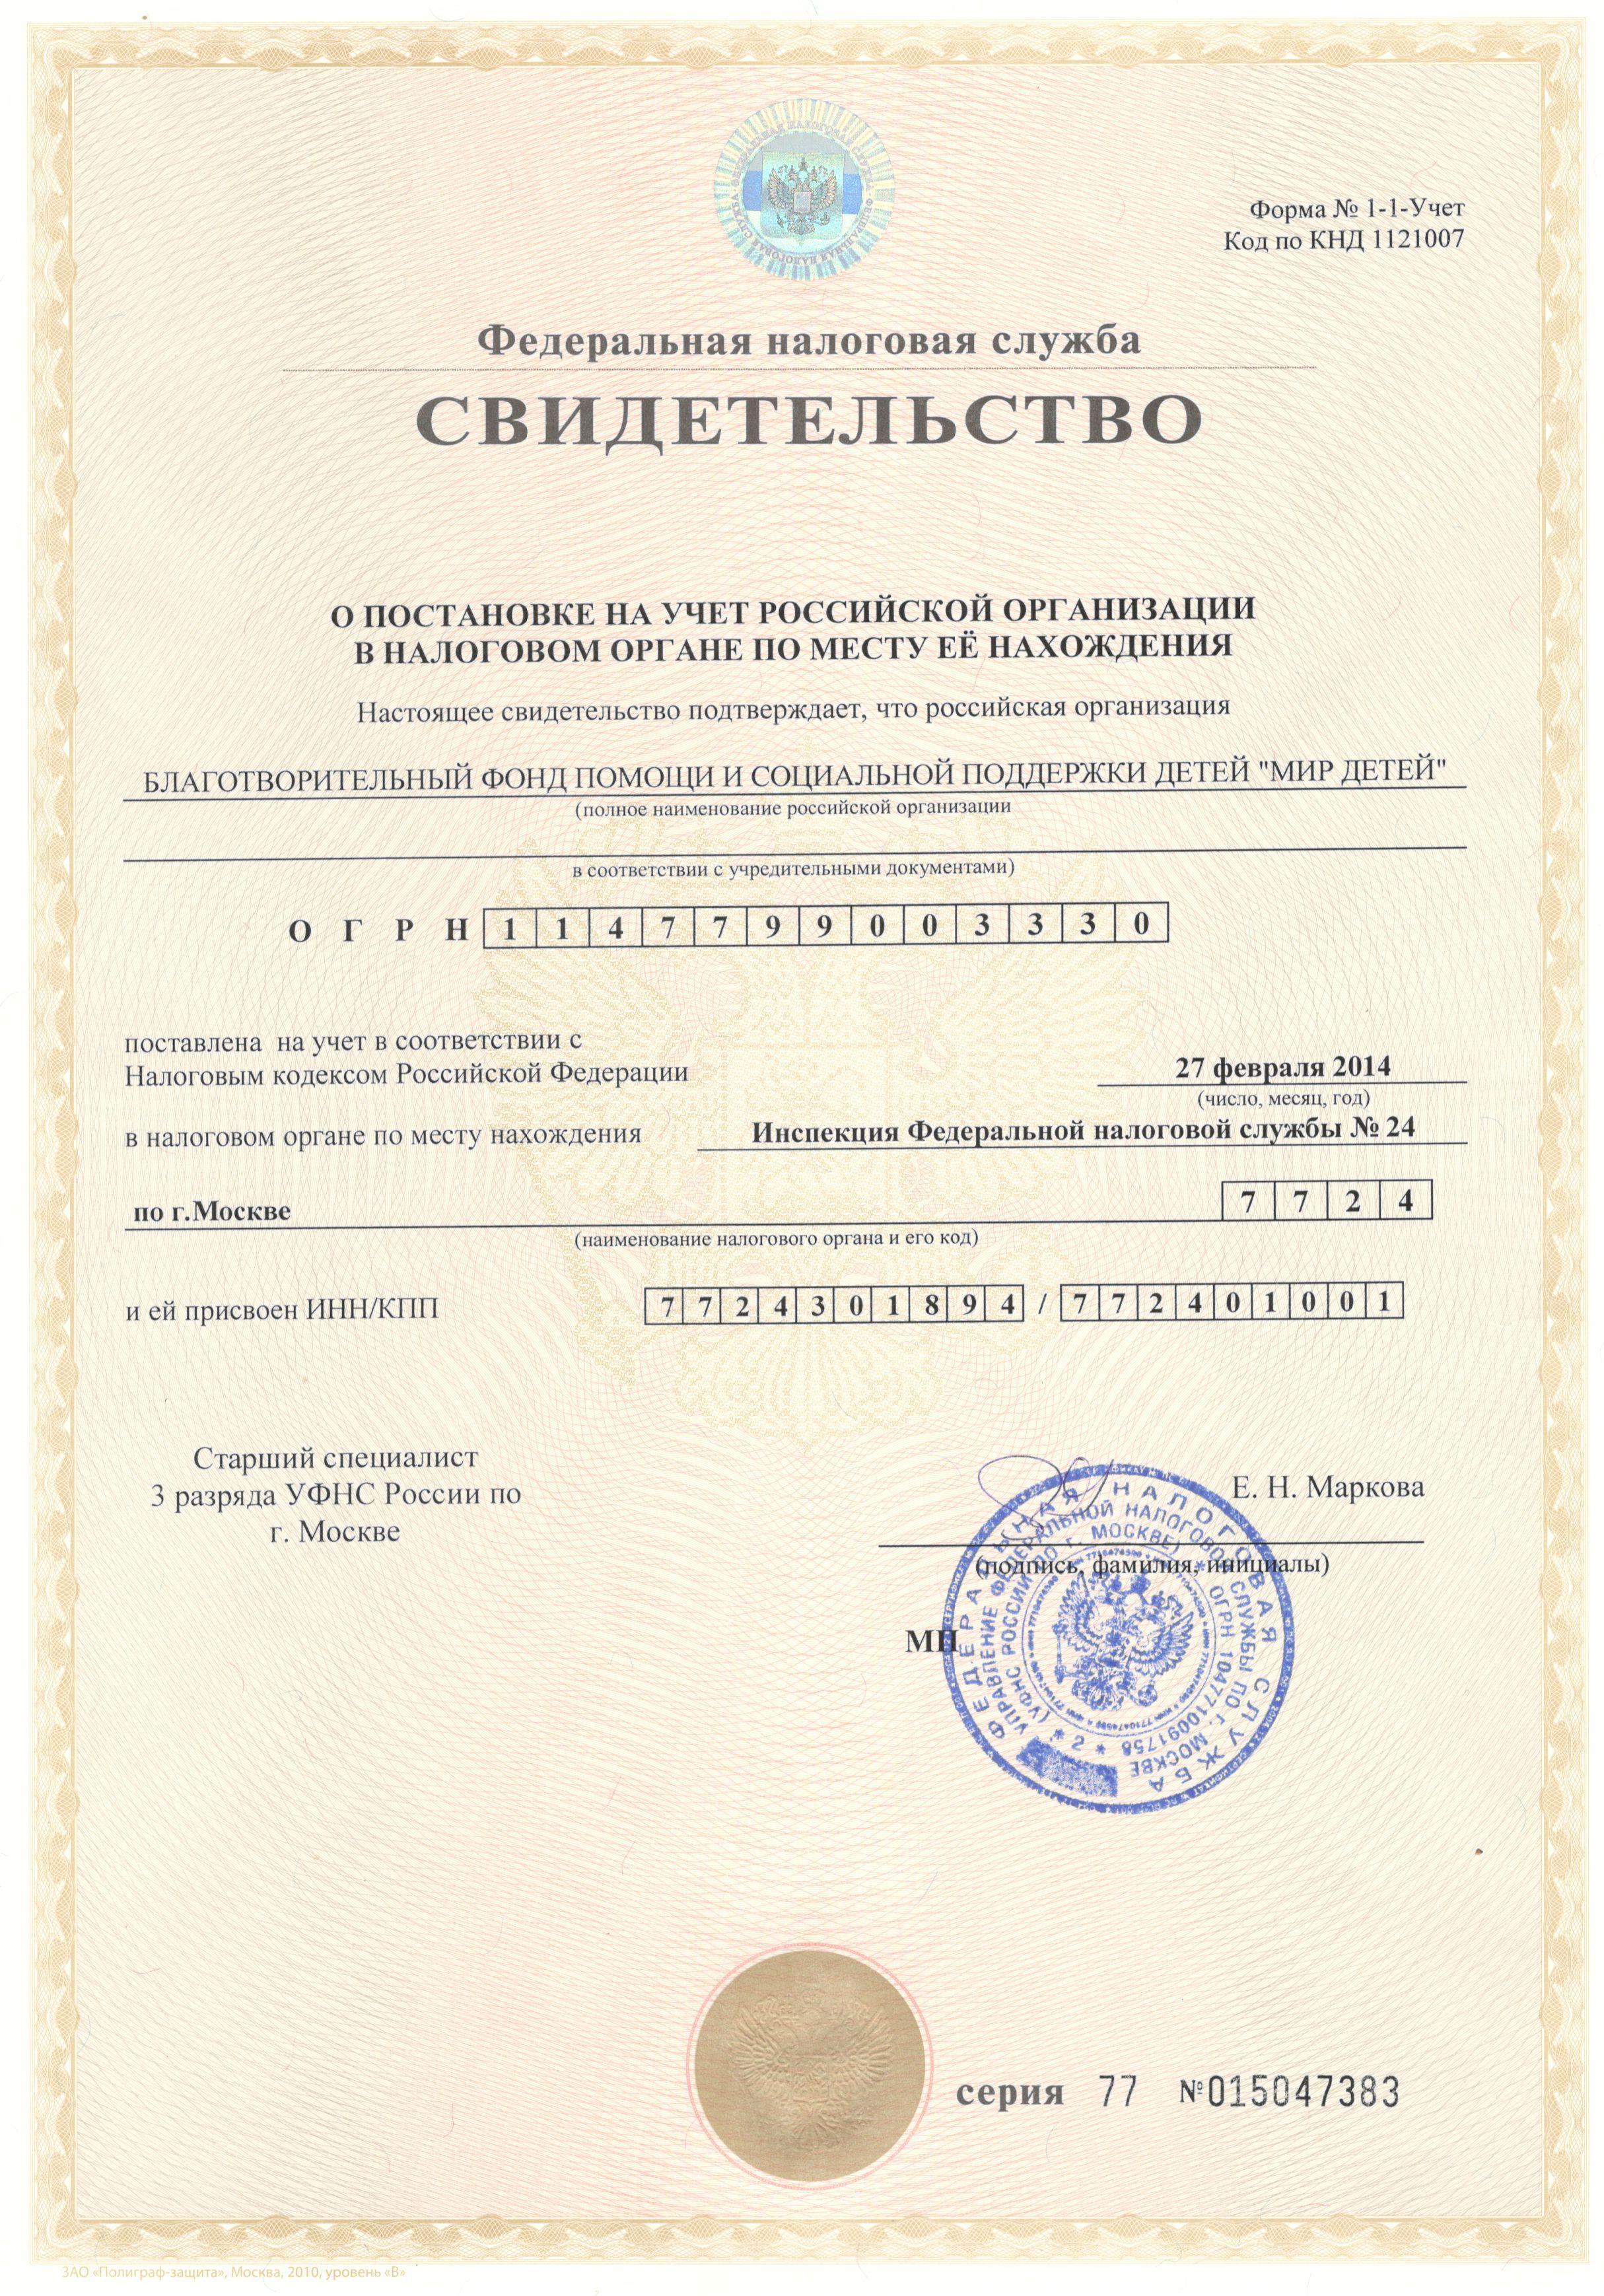 Rostov oblast